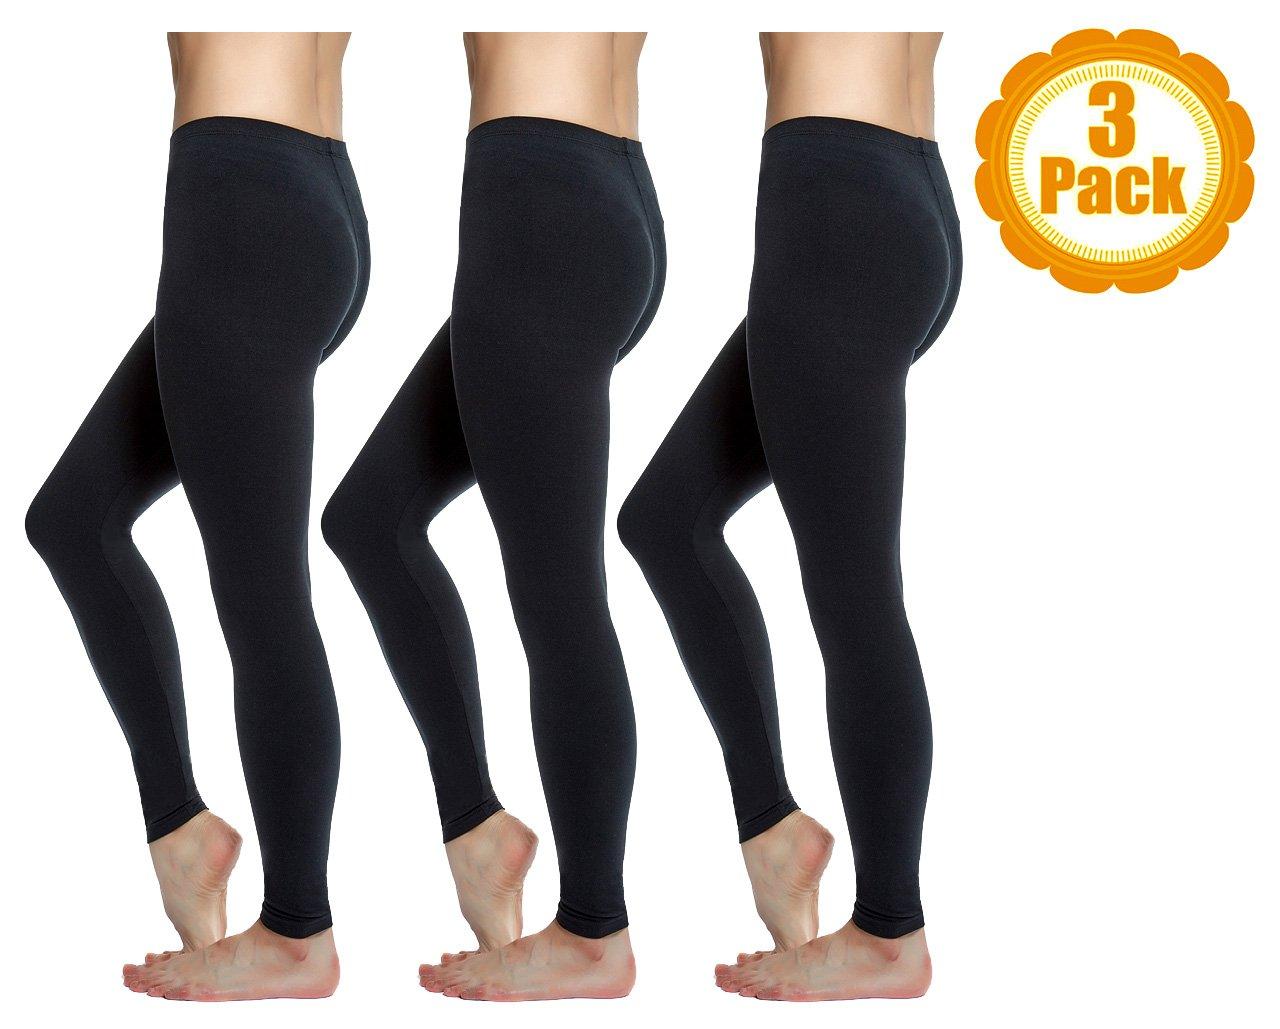 Love Charm Women's Super Soft Full Length Basic Leggings, Black, 3-Pack,M/L (Ladies 8-12)